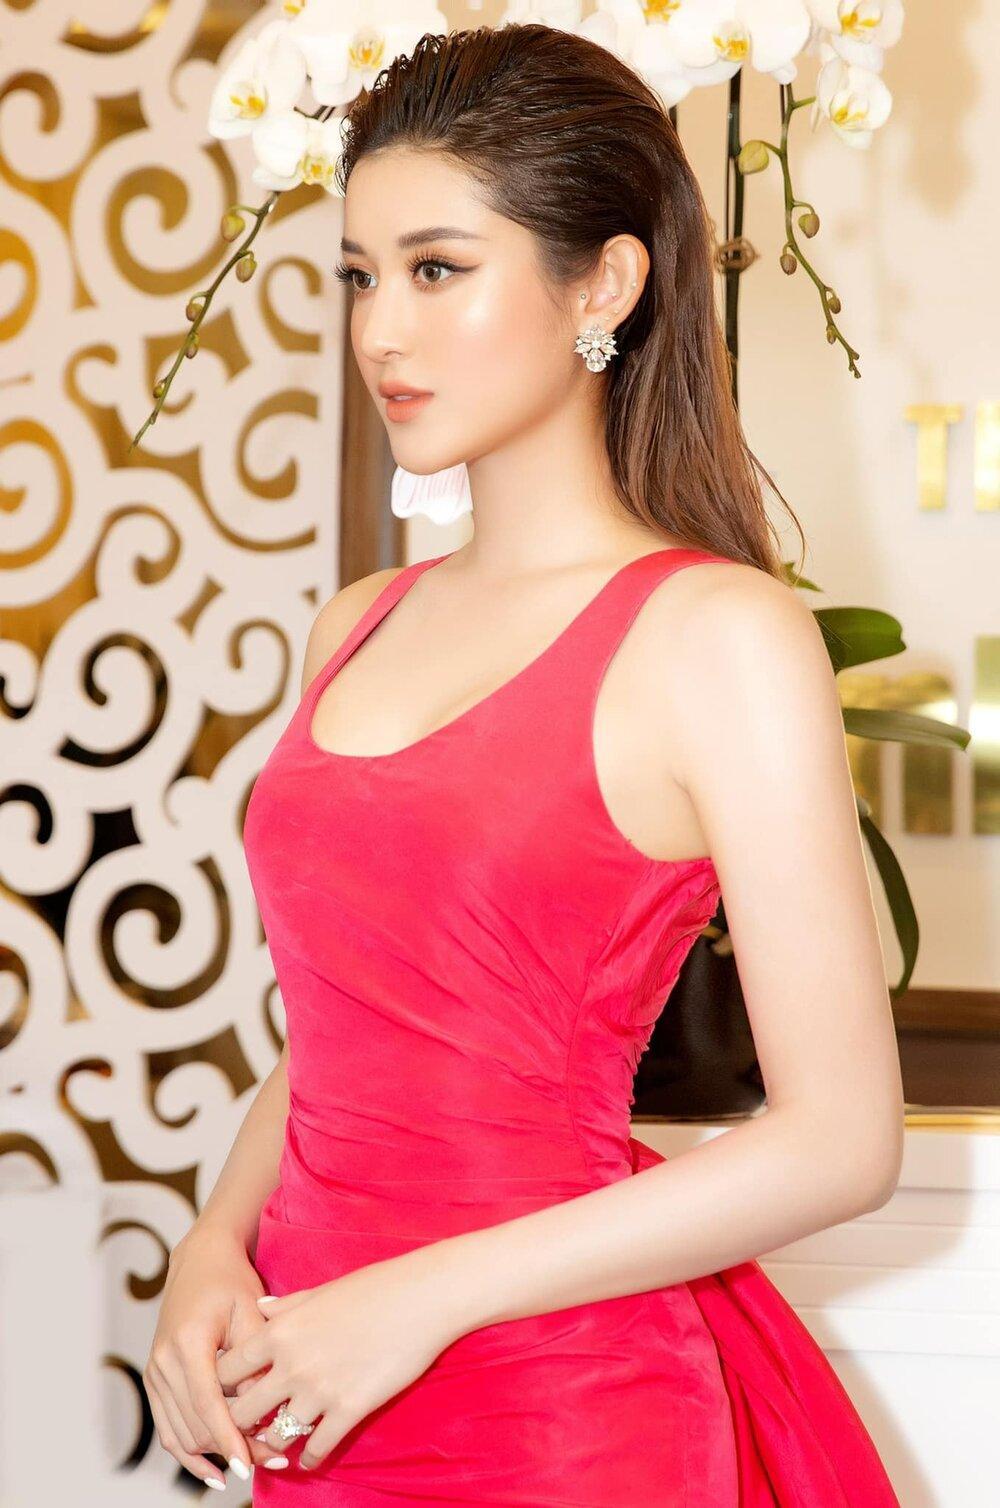 Á hậu Huyền My nền nã với sắc hồng ngọt ngào Ảnh 4